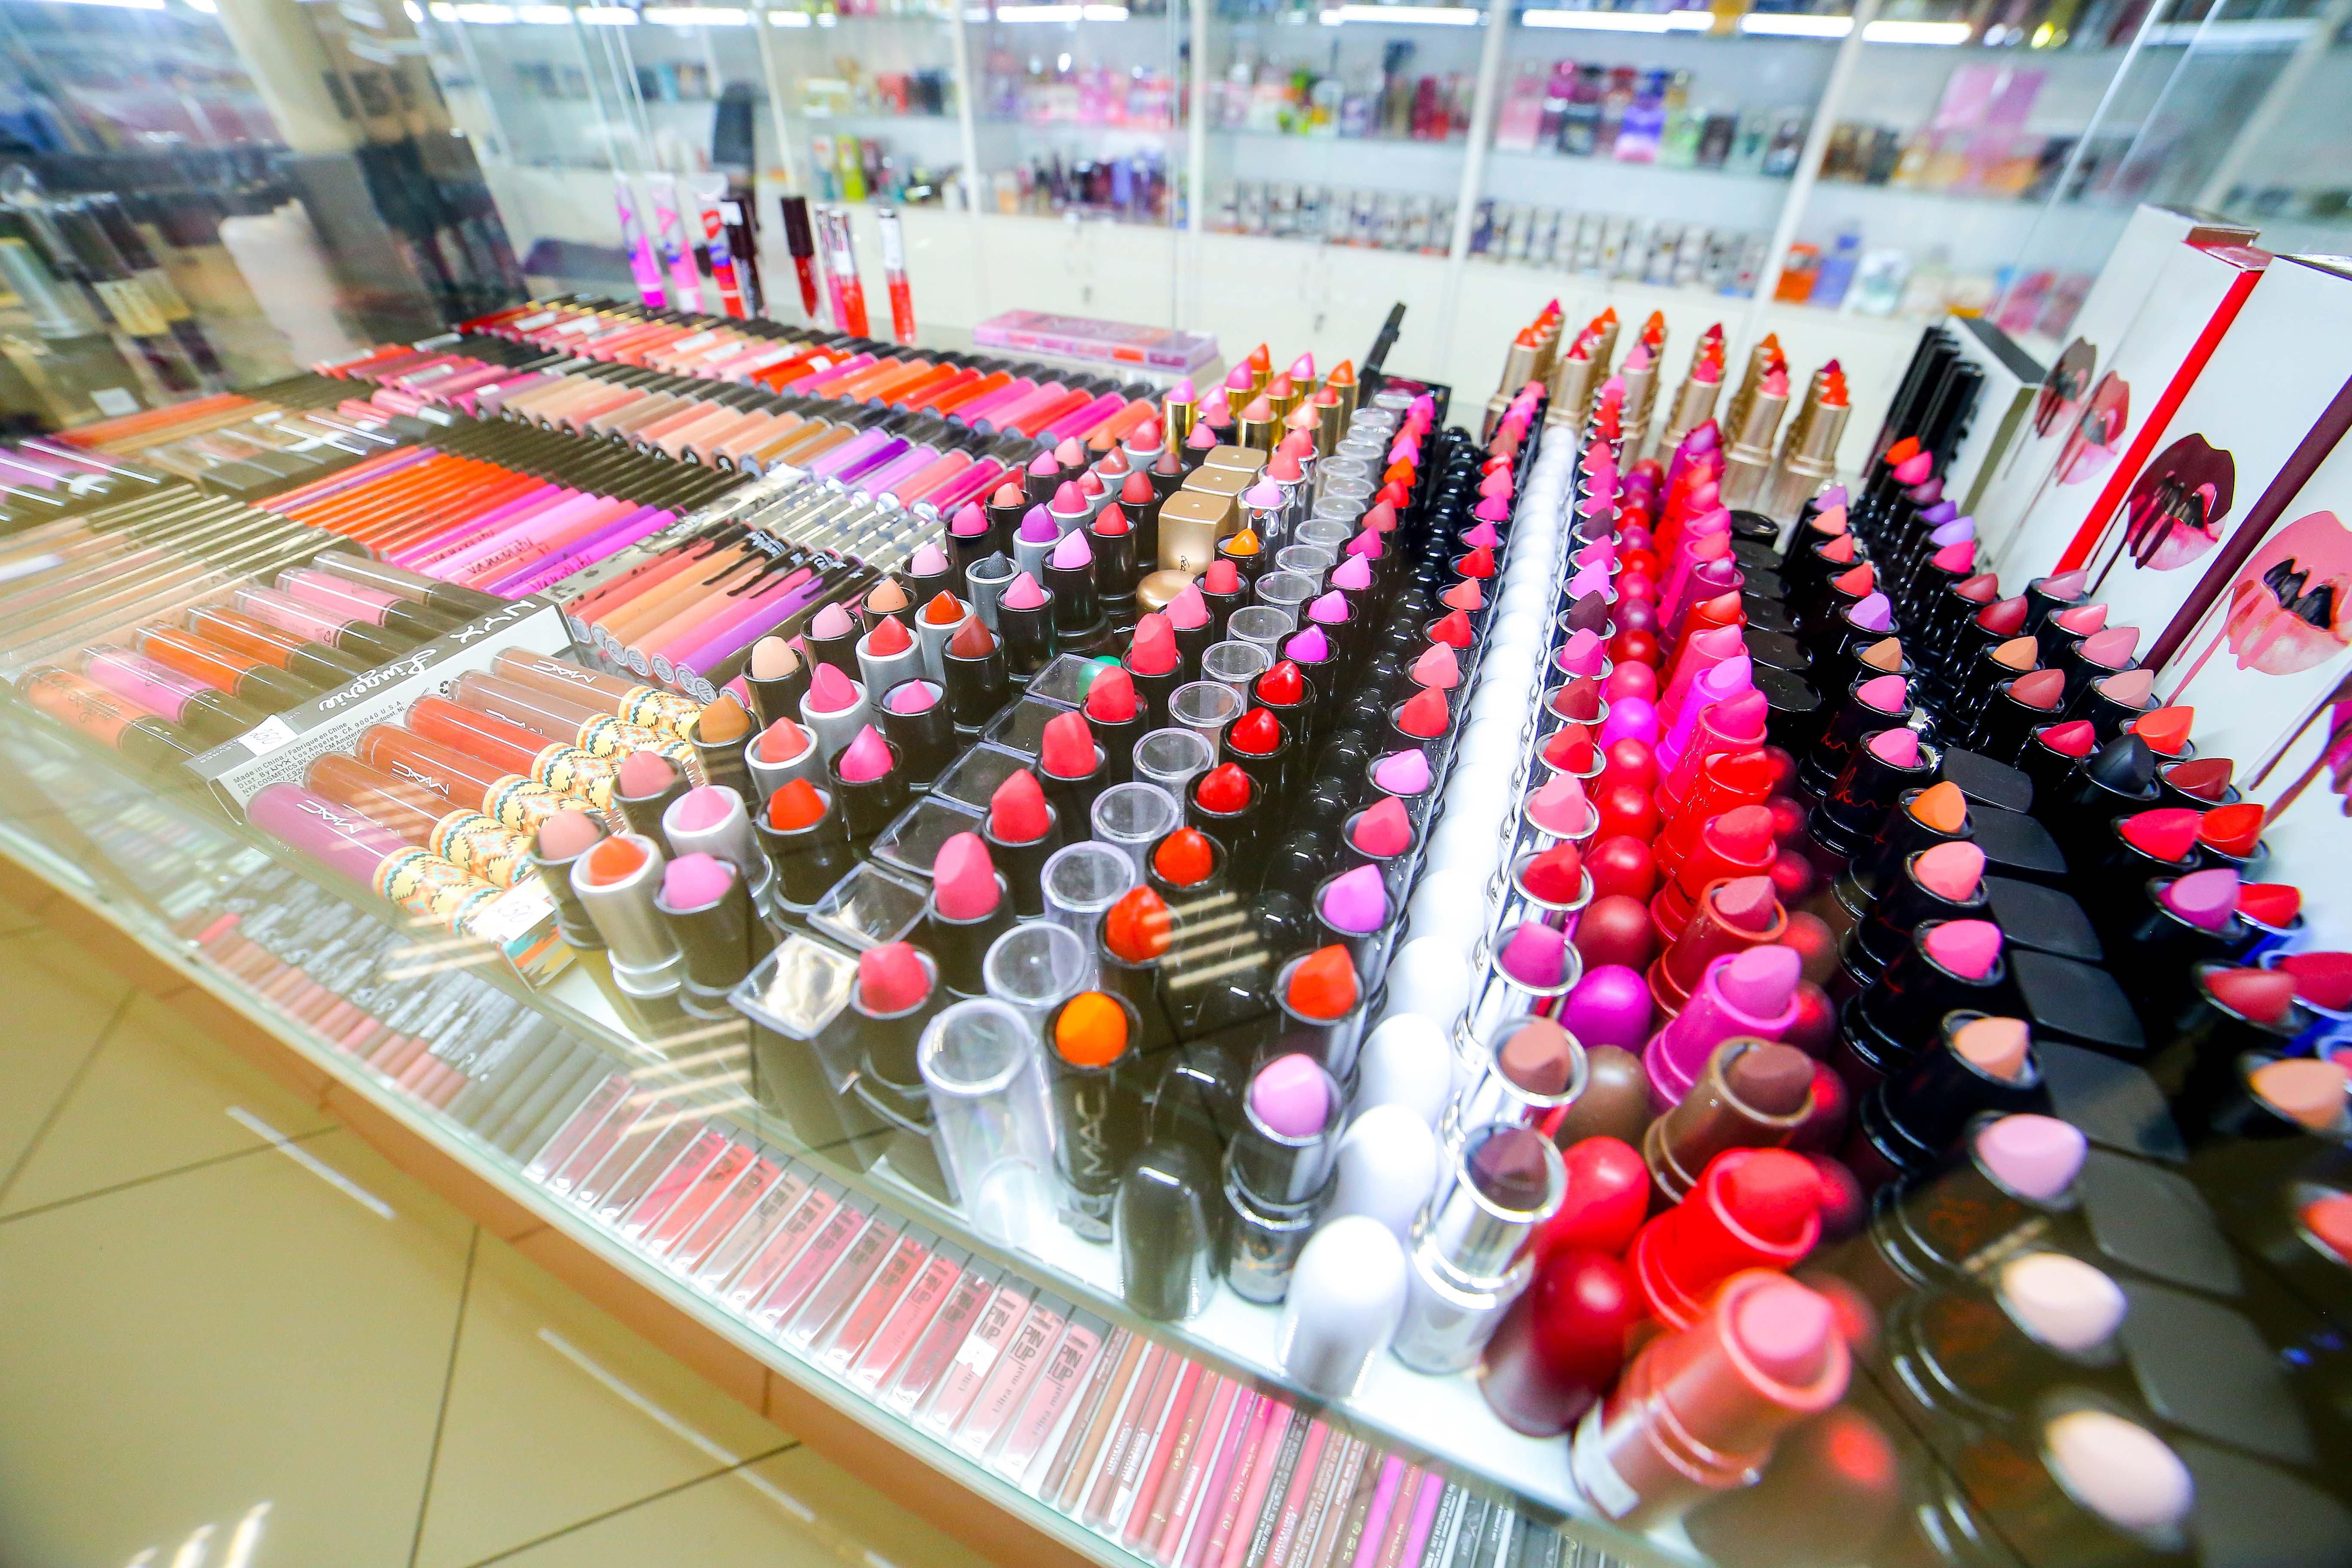 Где купить косметику дешево для продажи косметика лив делано купить в витебске